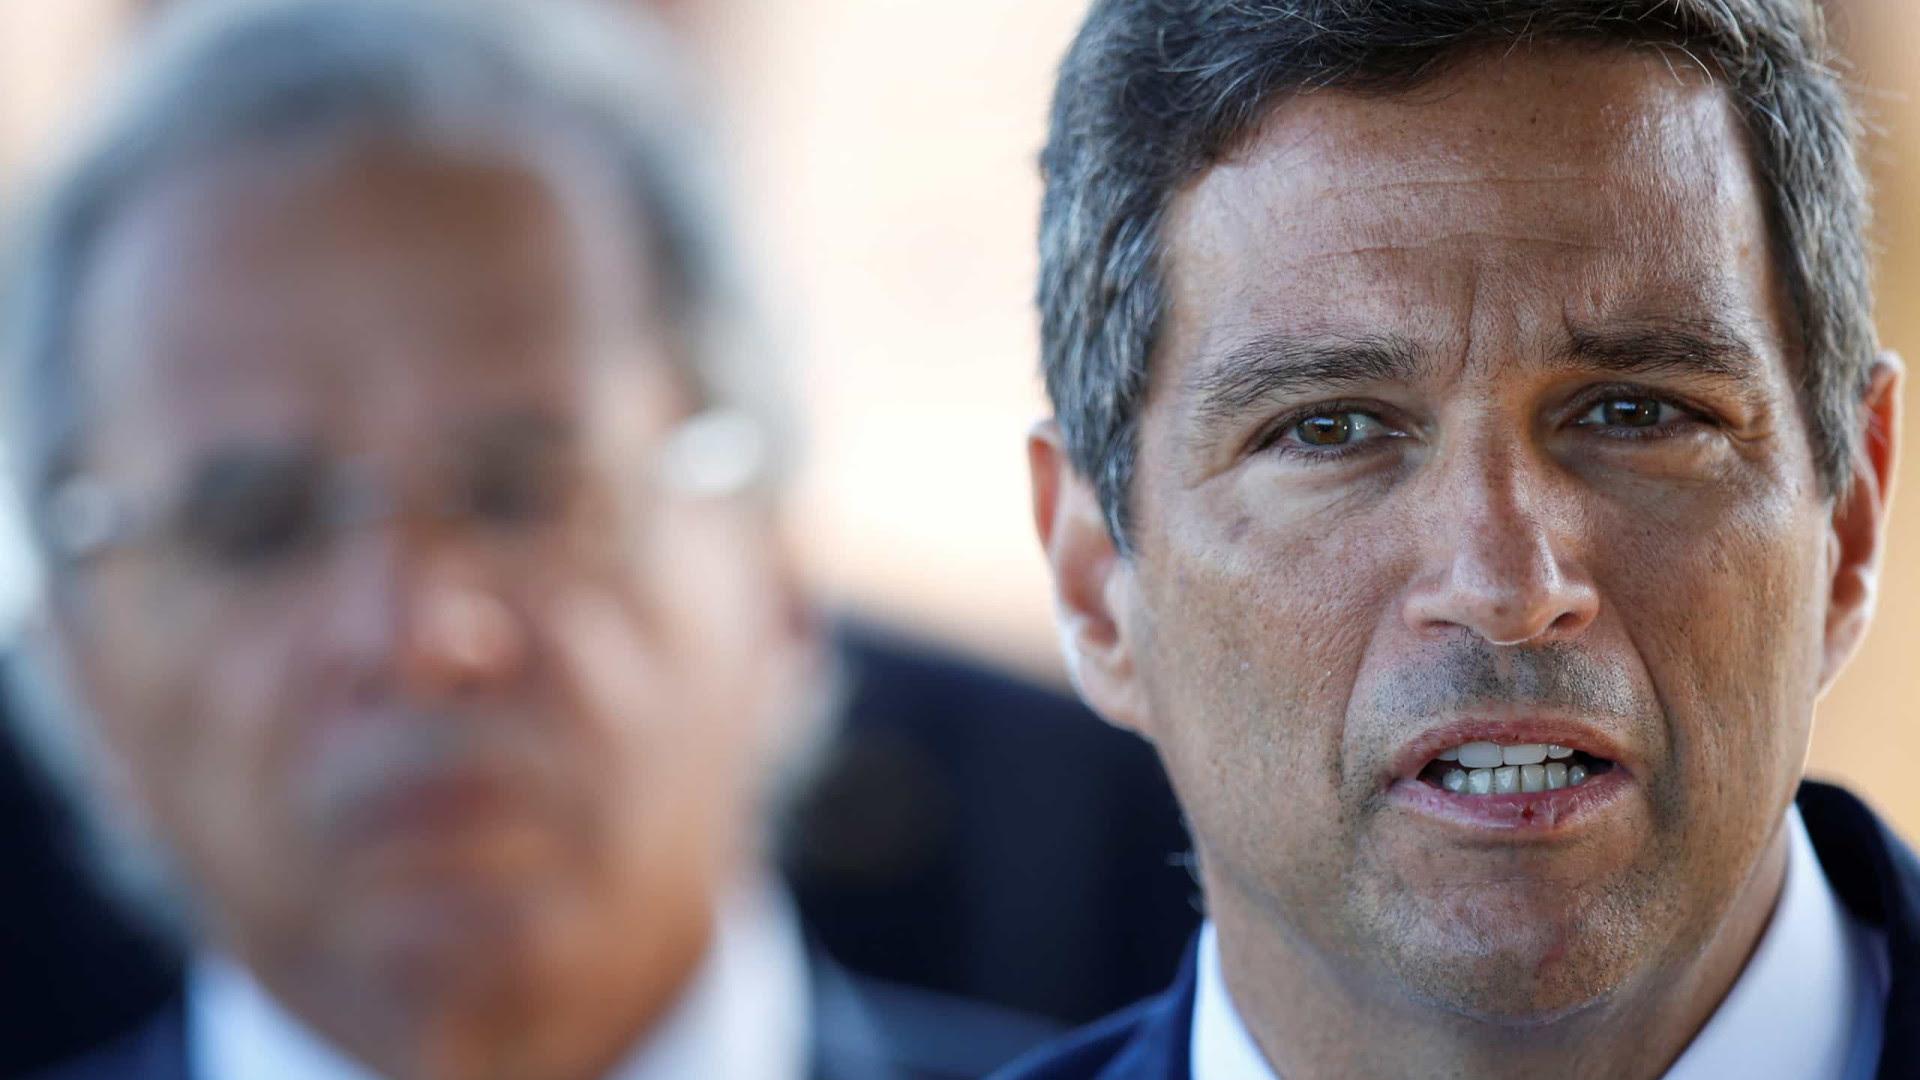 PGR abre apuração preliminar sobre offshores de Guedes e Campos Neto